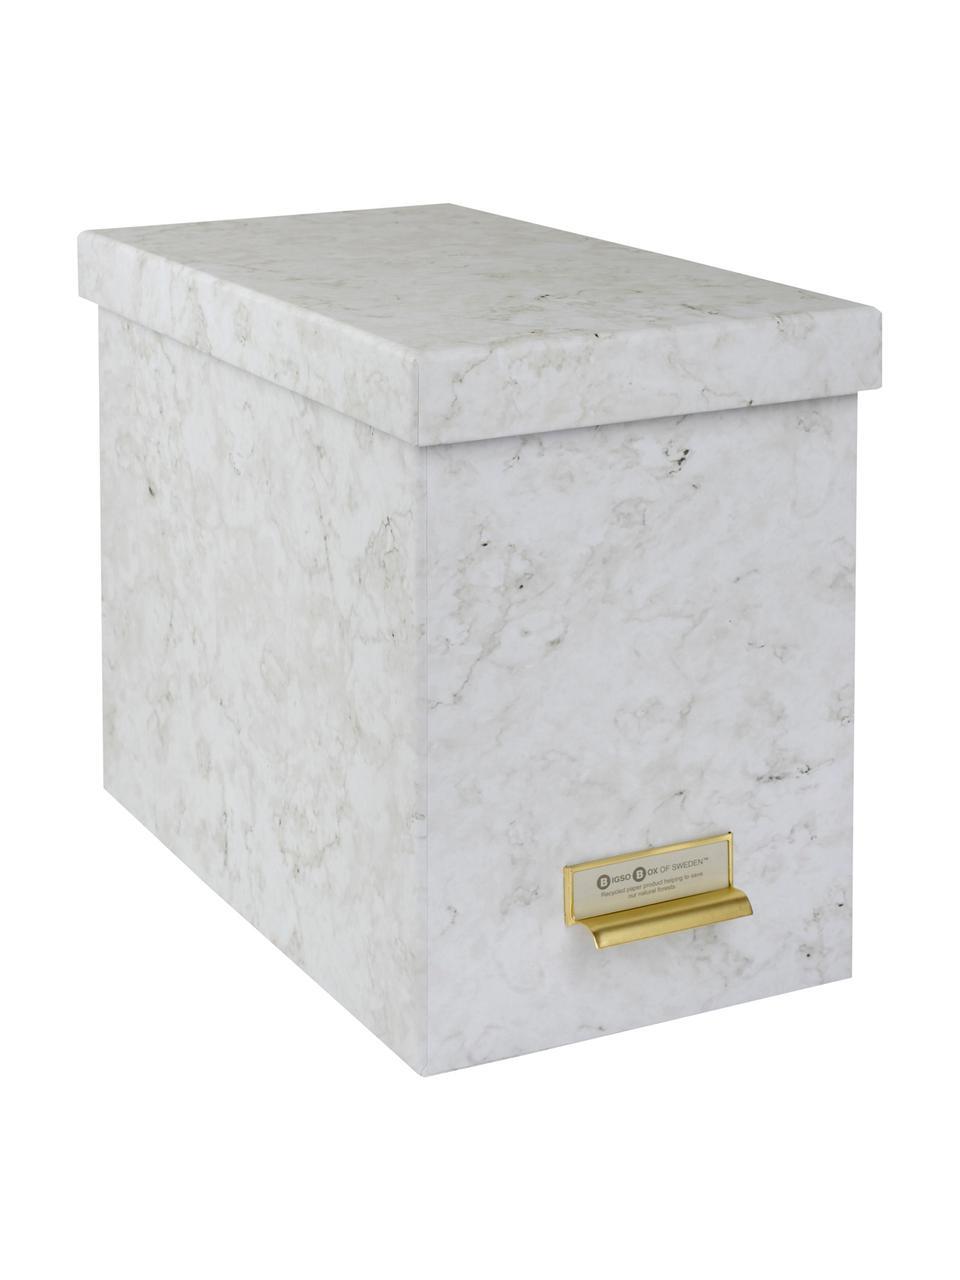 Hängeregister-Box Johan, 9-tlg., Organizer: Fester, laminierter Karto, Weiß, marmoriert, 19 x 27 cm